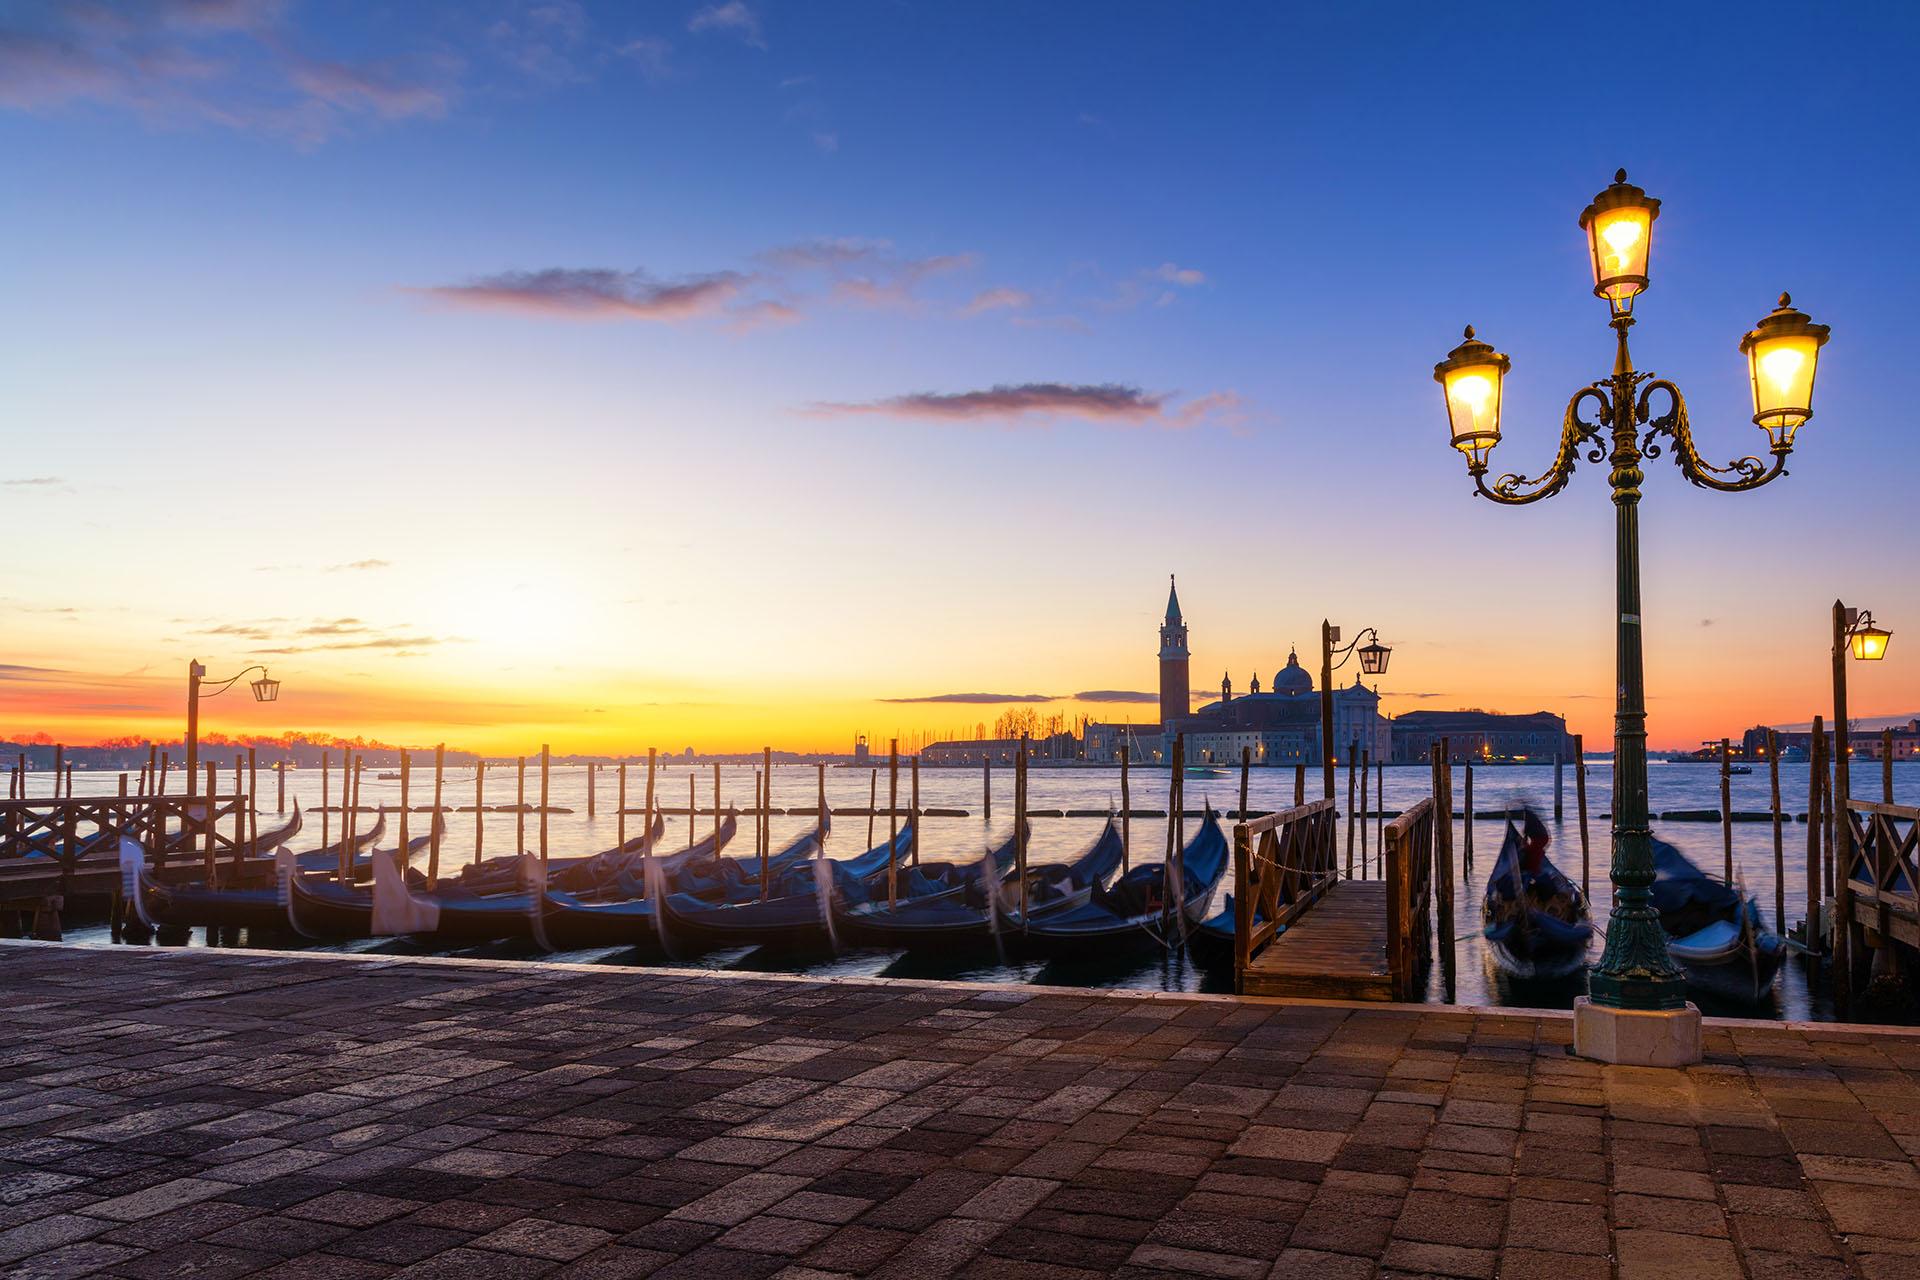 朝のヴェネツィアの風景 イタリアの風景